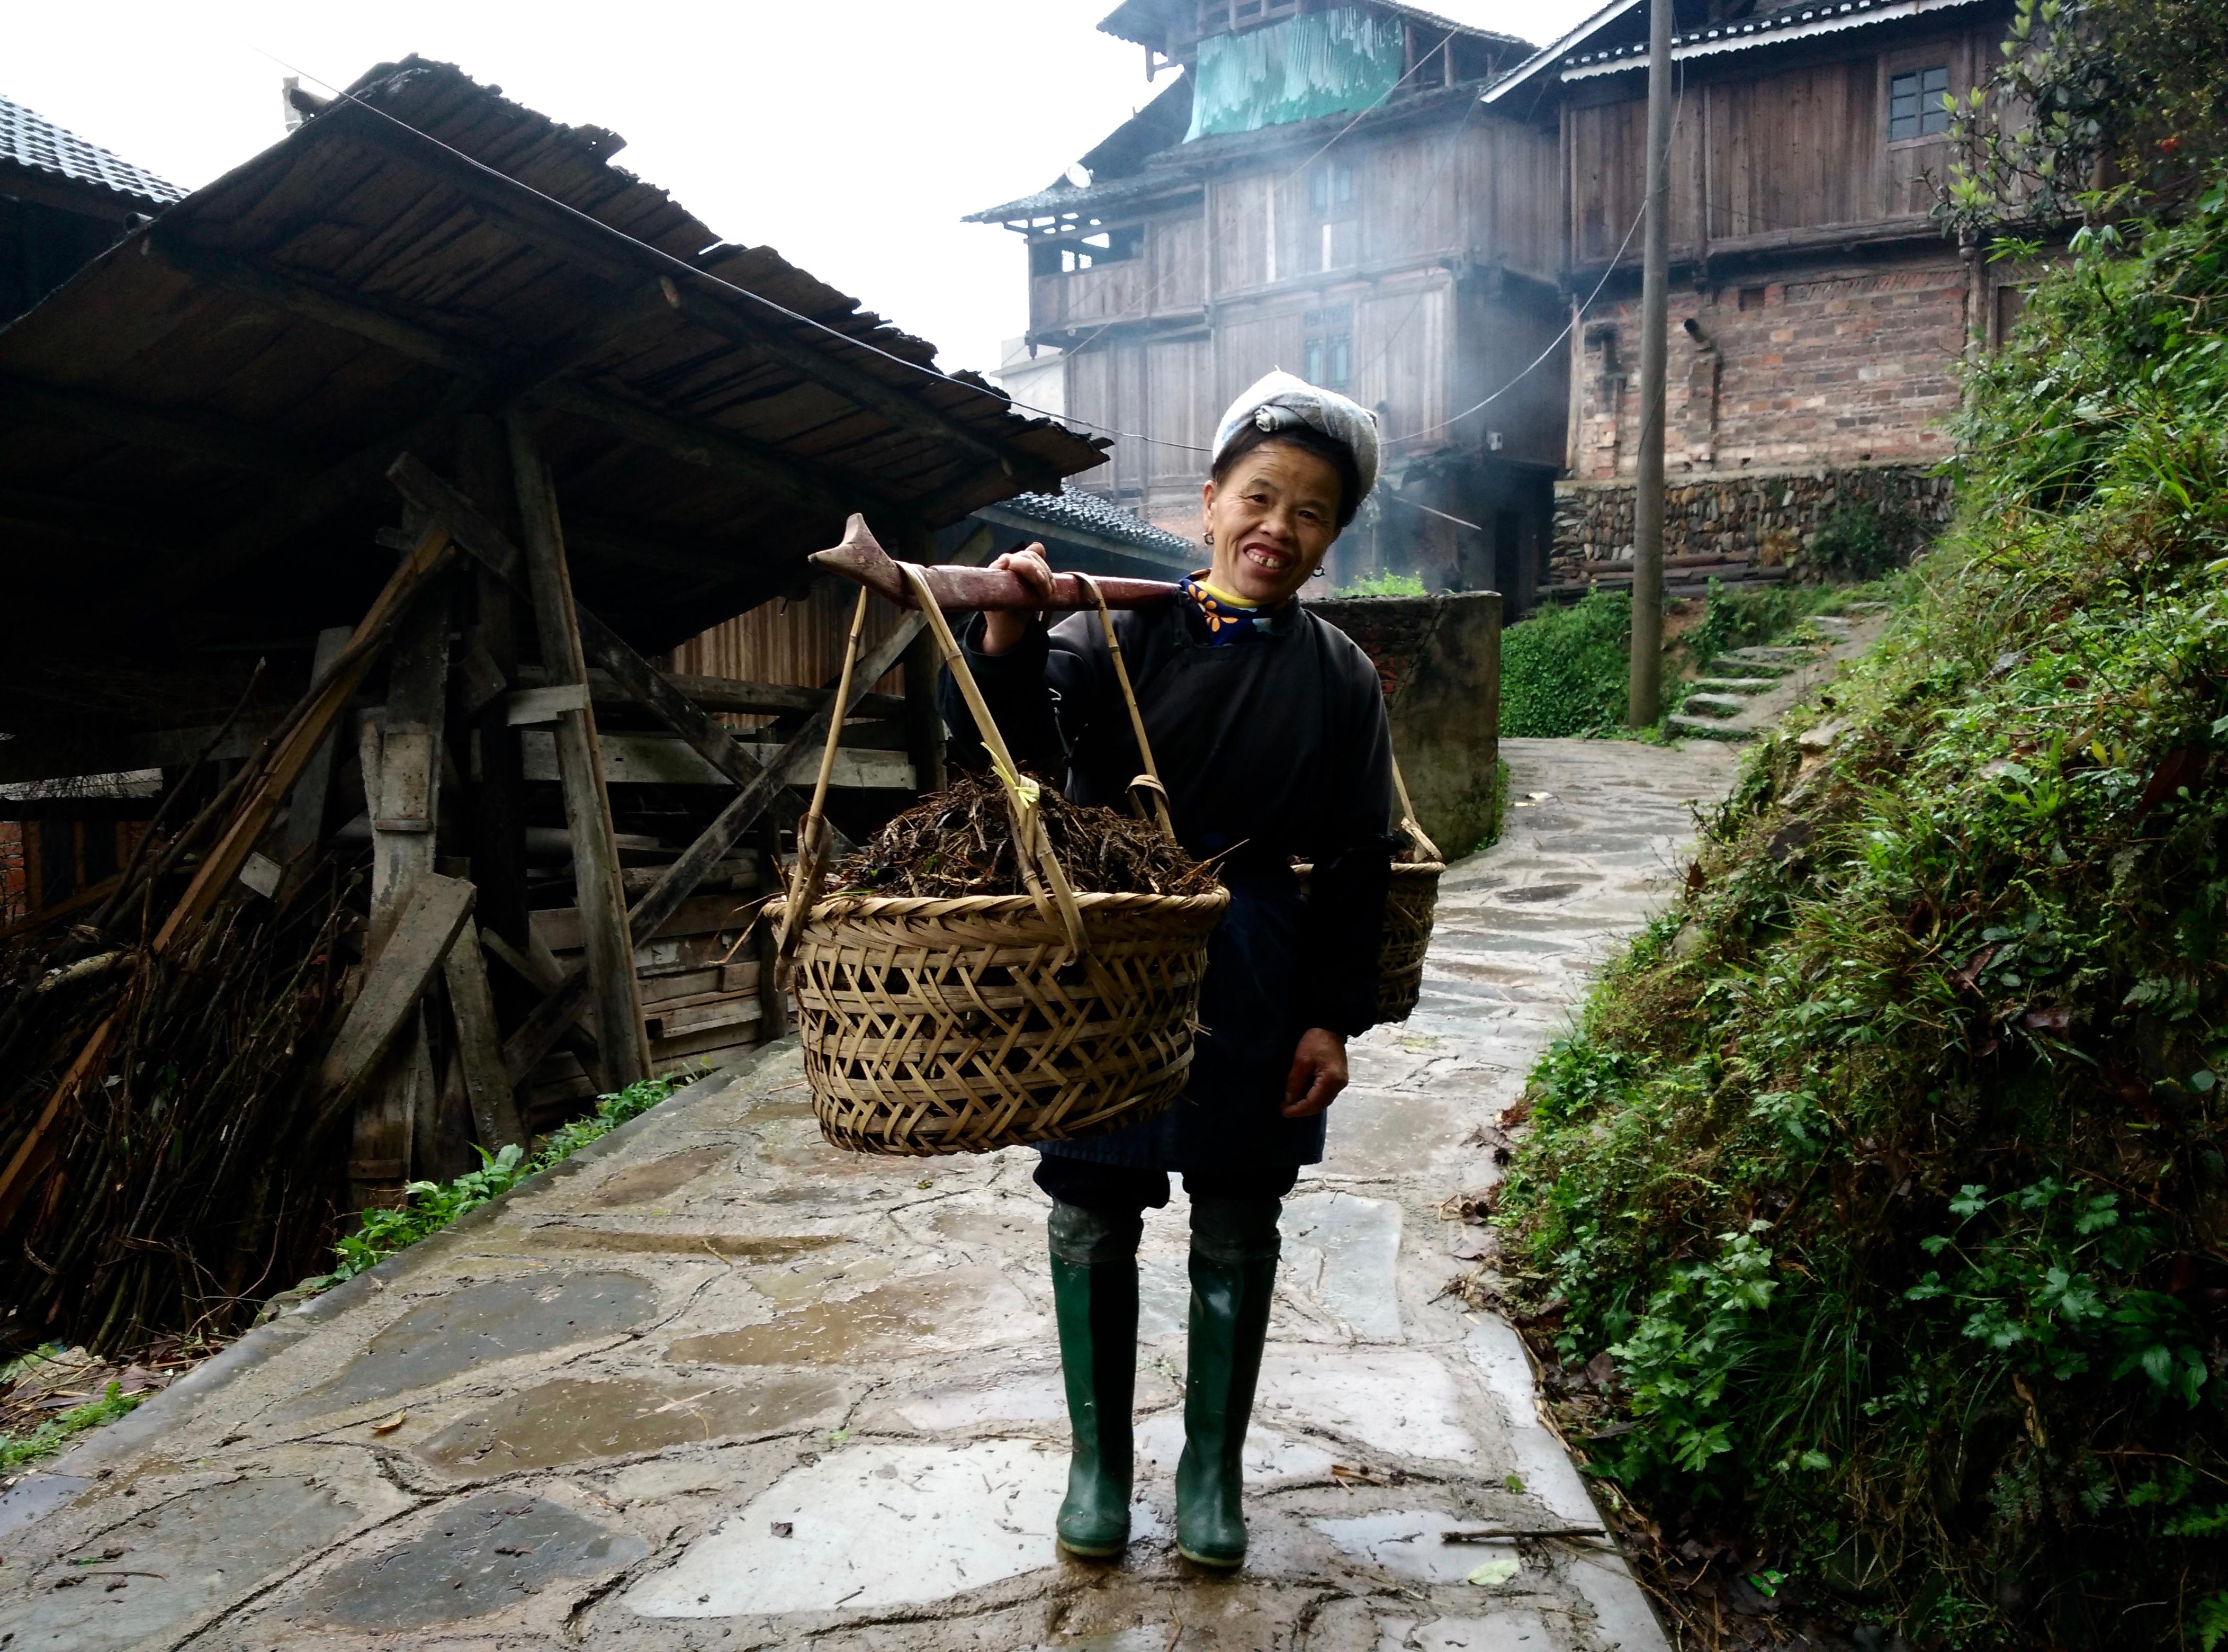 גוויז'ואו טאנג אן